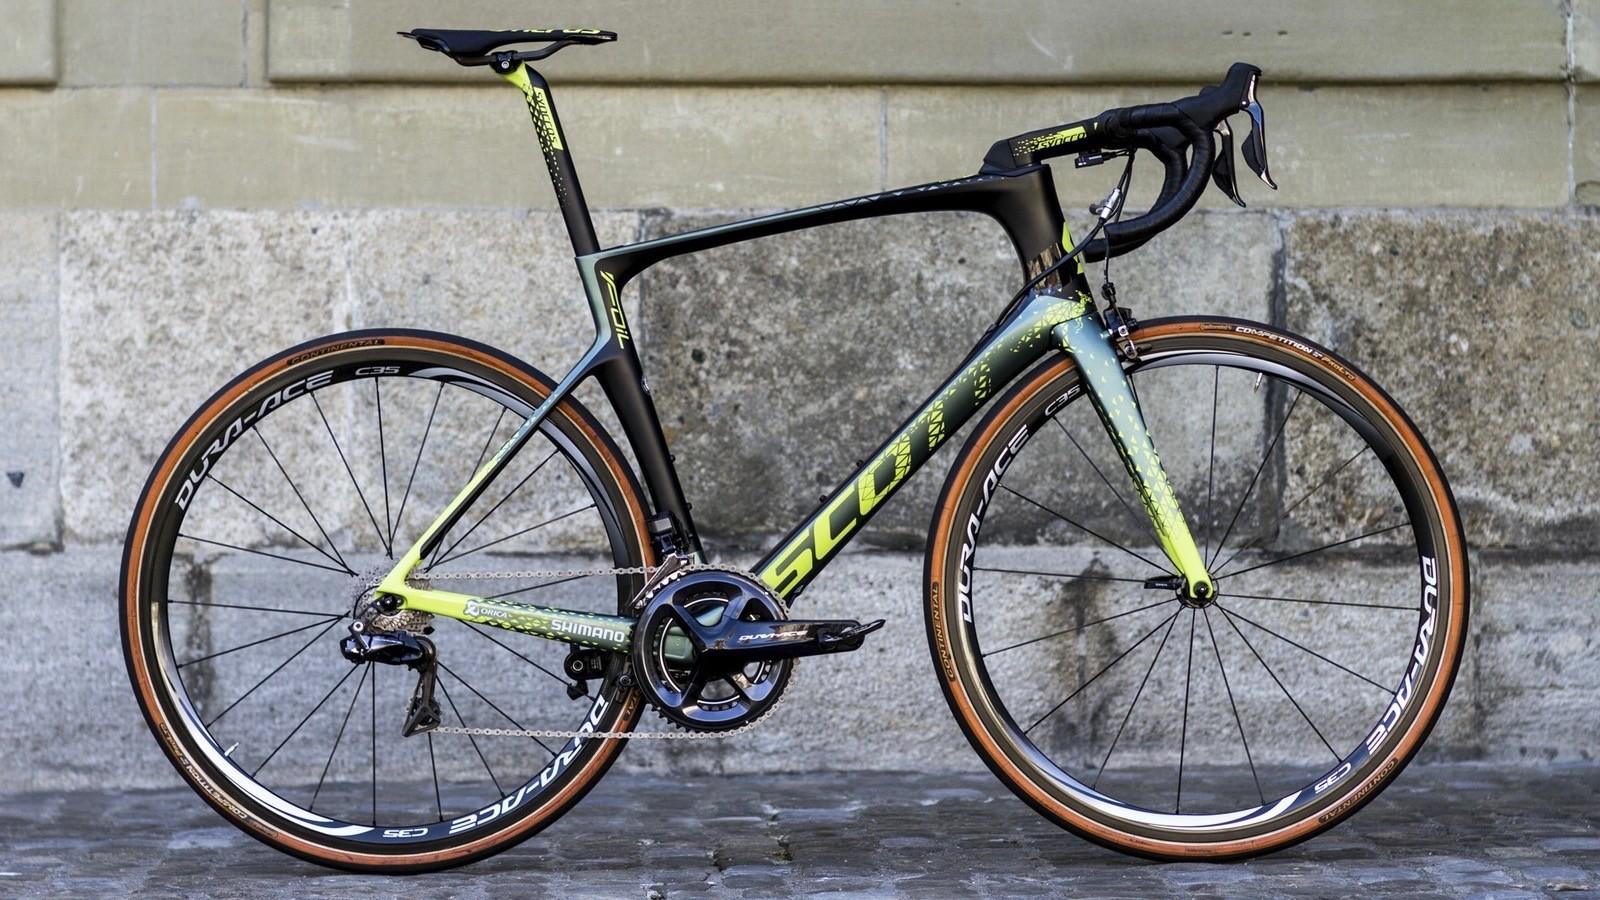 Mathew Hayman's special edition Scott Foil RC for Paris-Roubaix